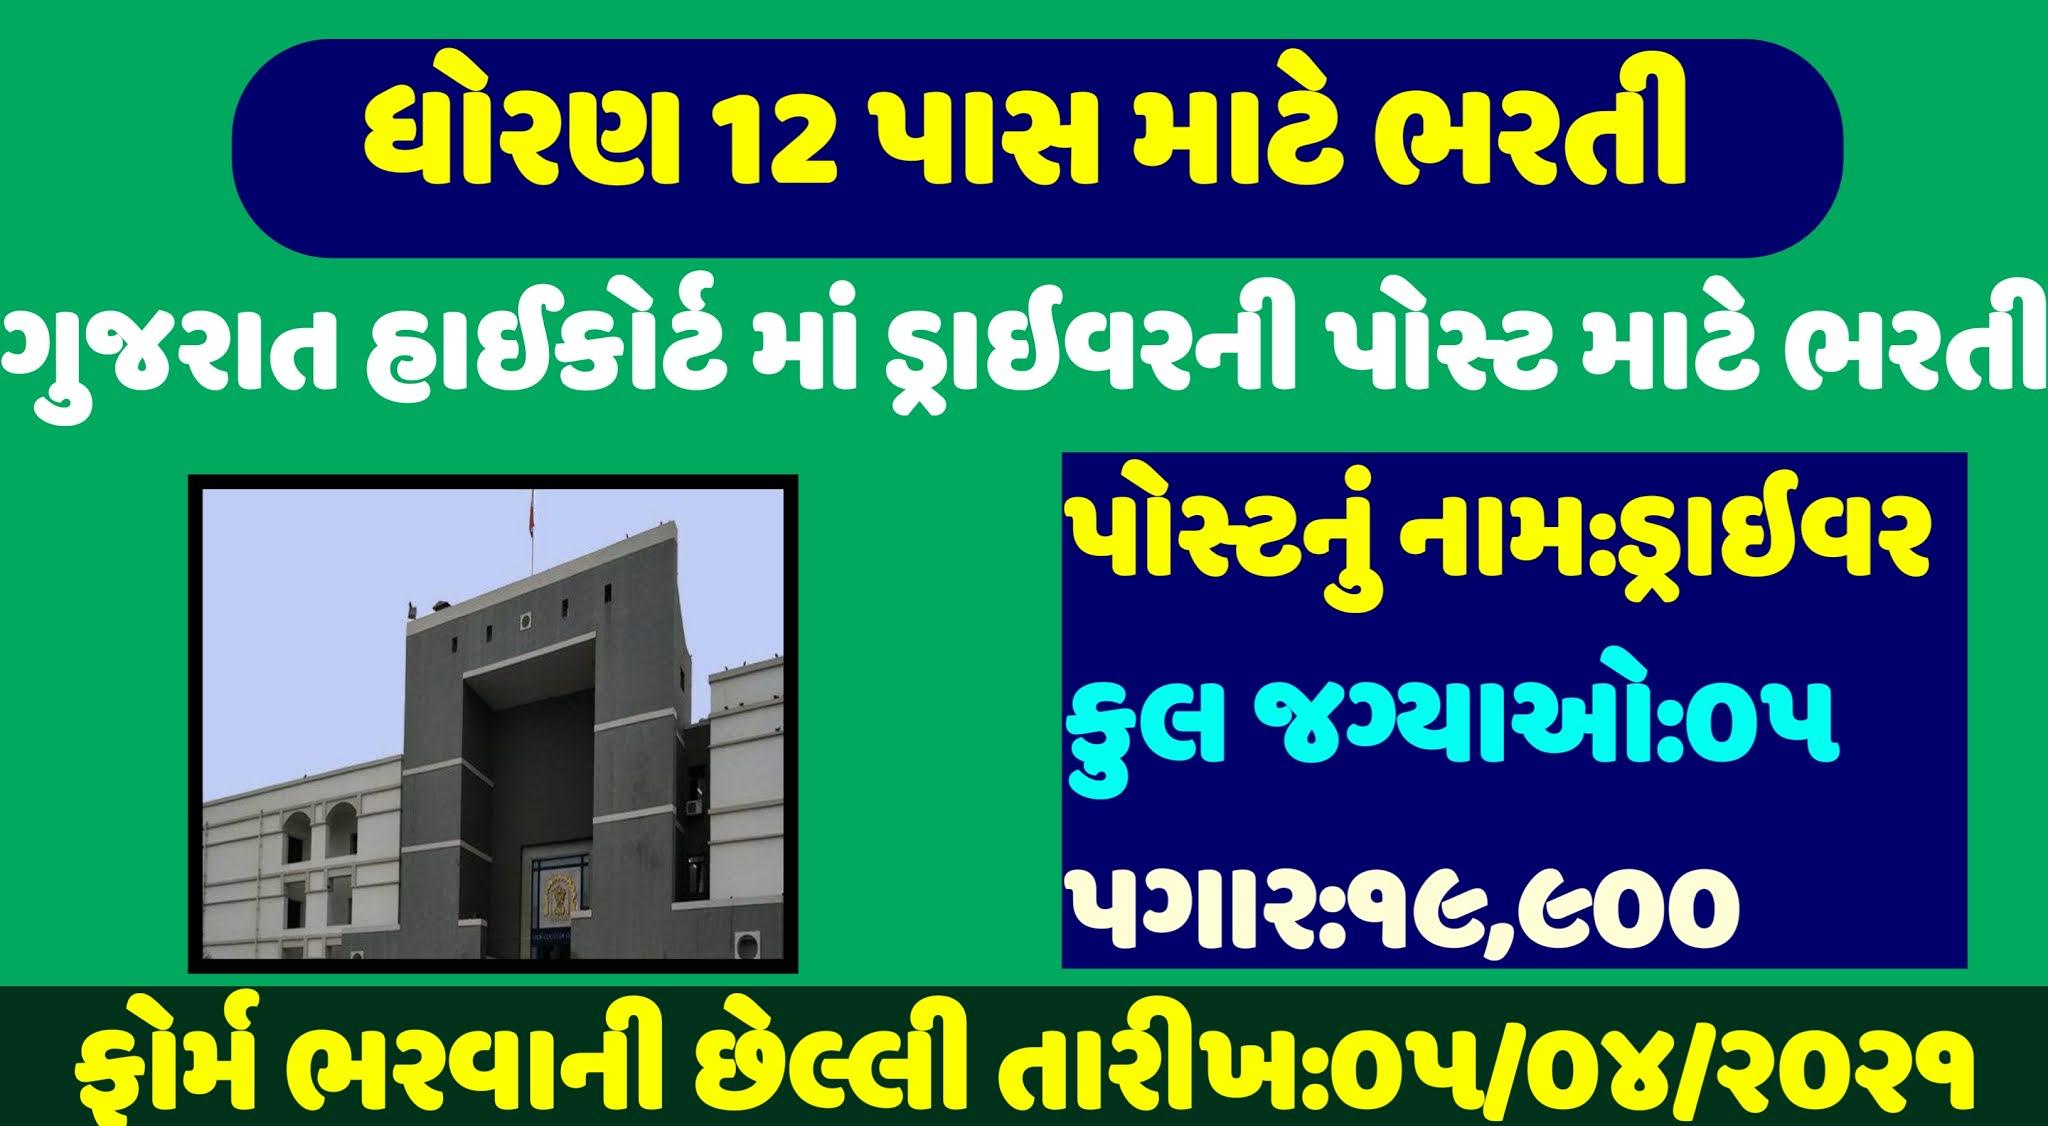 Gujarat High Court Vacancy 2021,Gujarat High Court Recruitment 2021,Gujarat High Court Bharti 2021,Gujarat High Court Driver Recruitment 2021